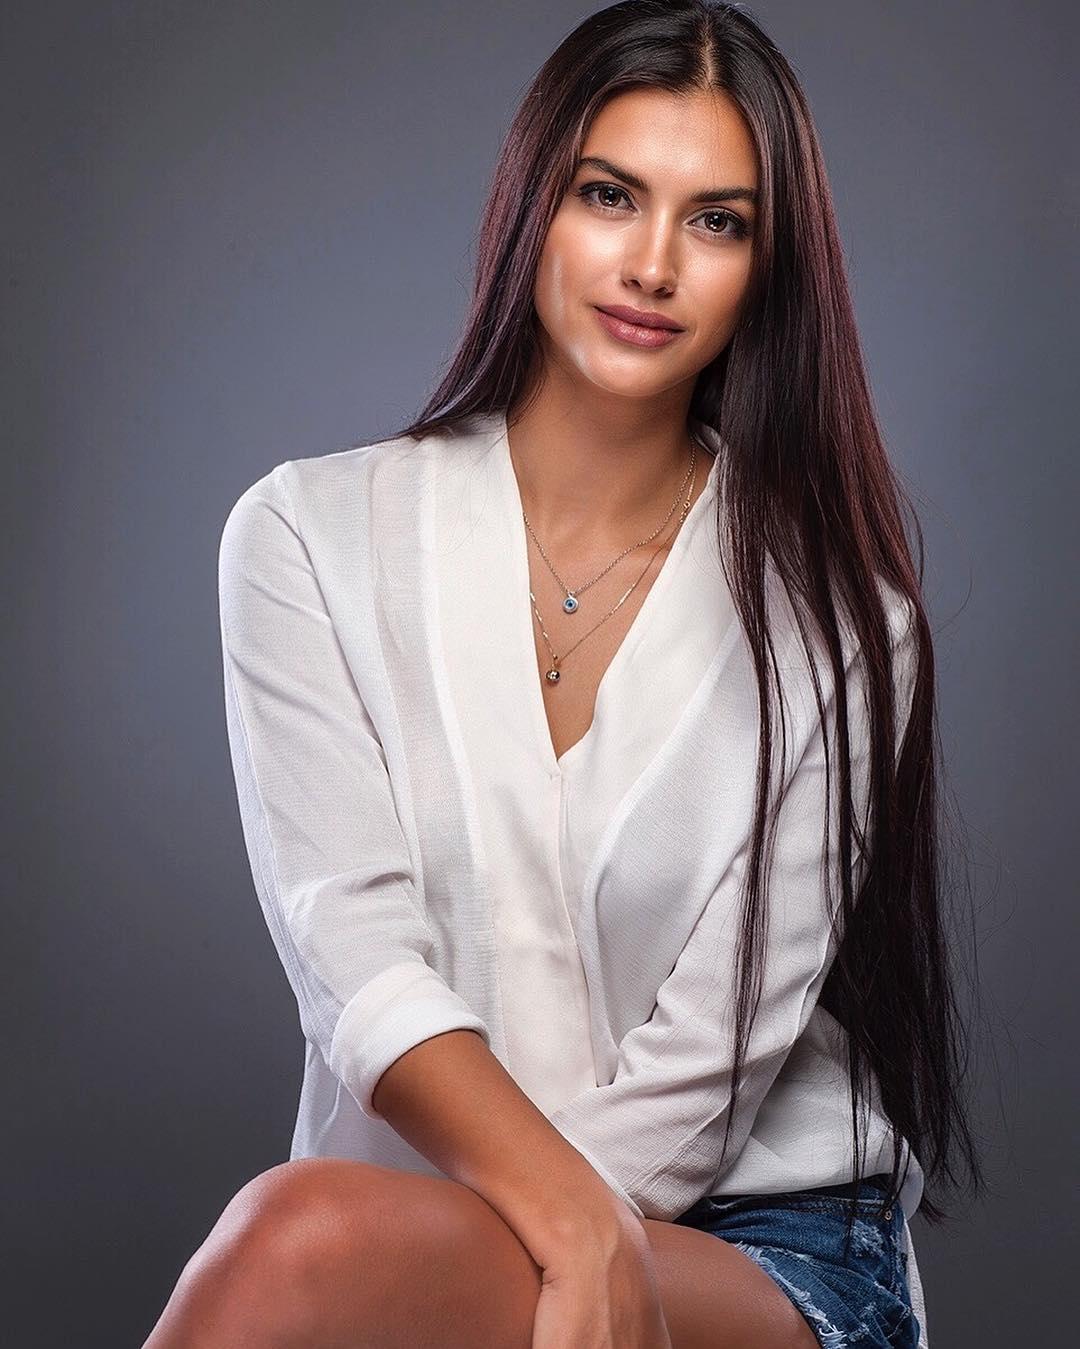 Мисс Вселенная Турция 2016 Tansu Sila Cakir фото